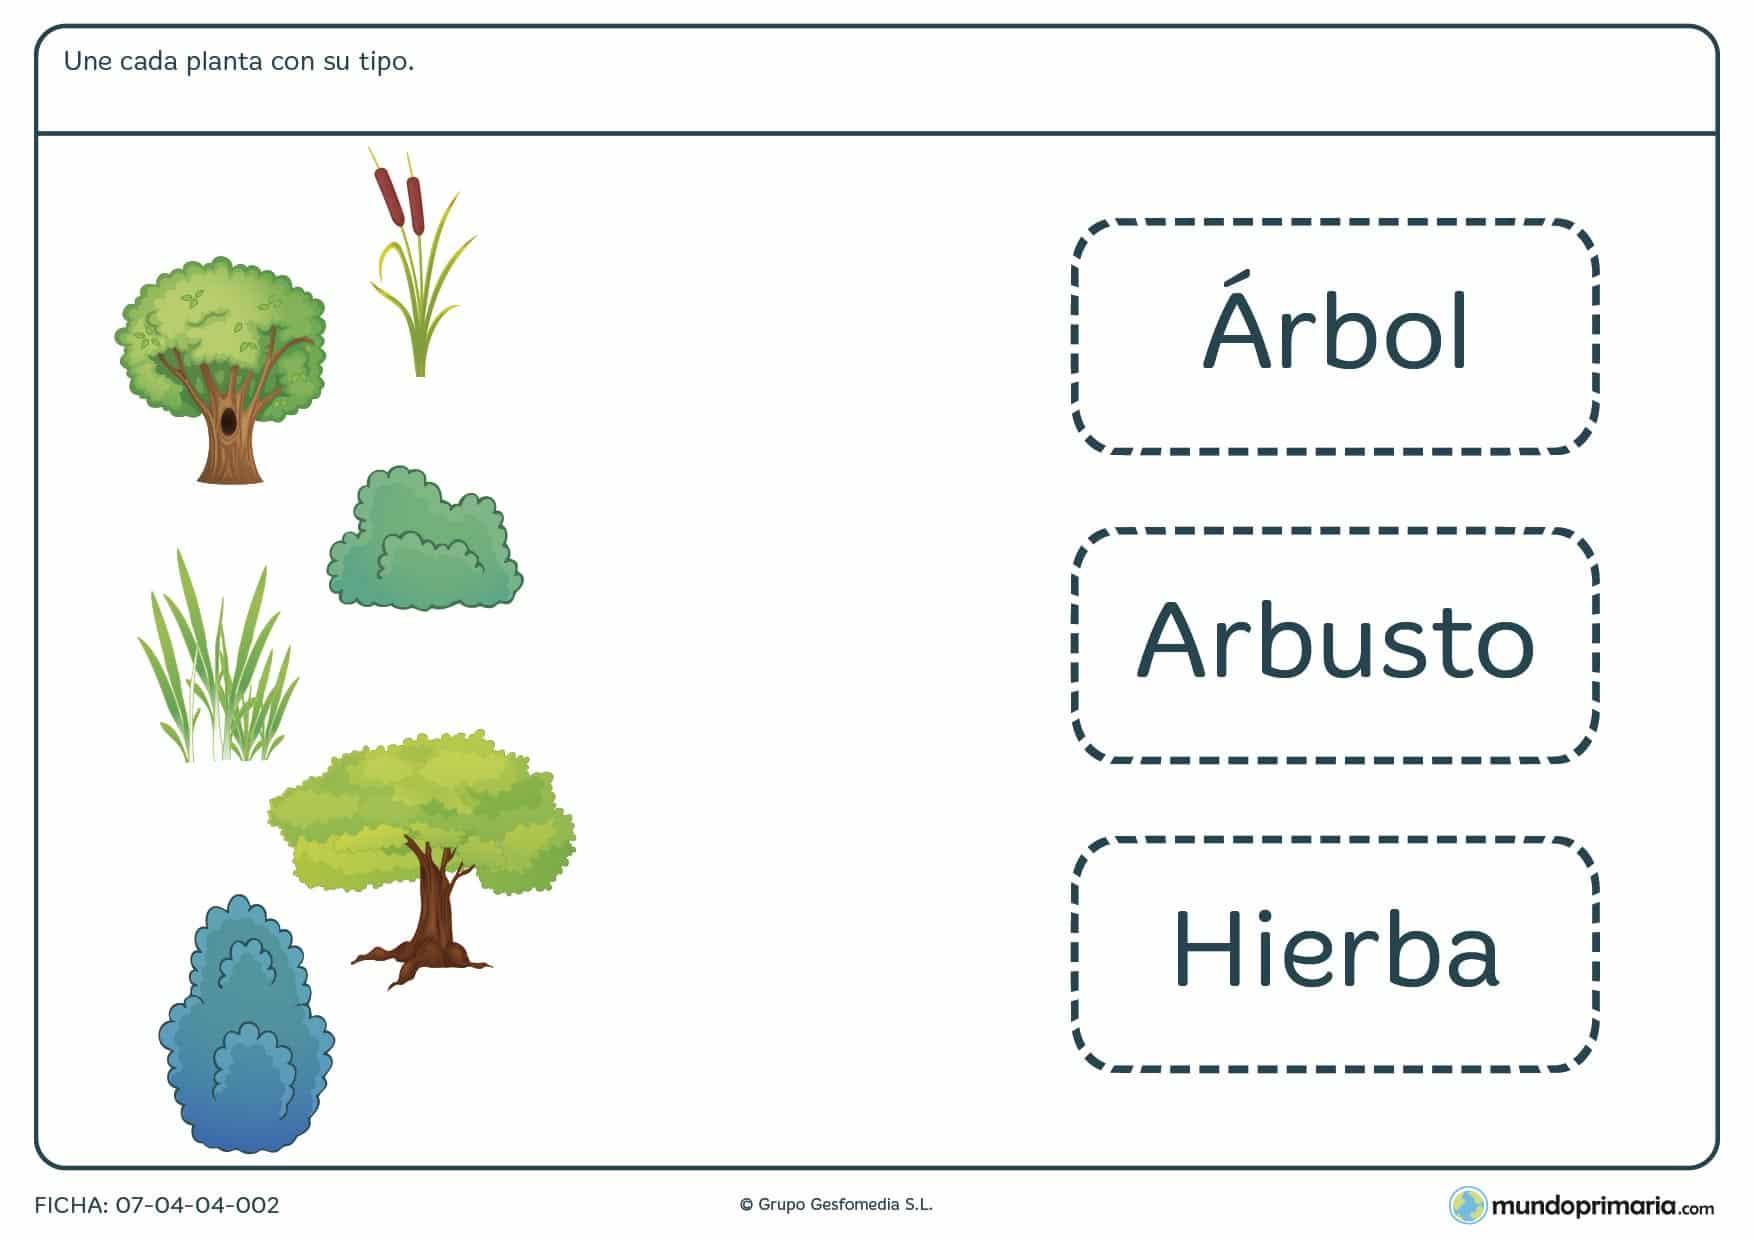 Ficha de tipos de plantas en la que deberás unir los dibujos con sus correspondientes nombres sobre el tipo de planta que son.